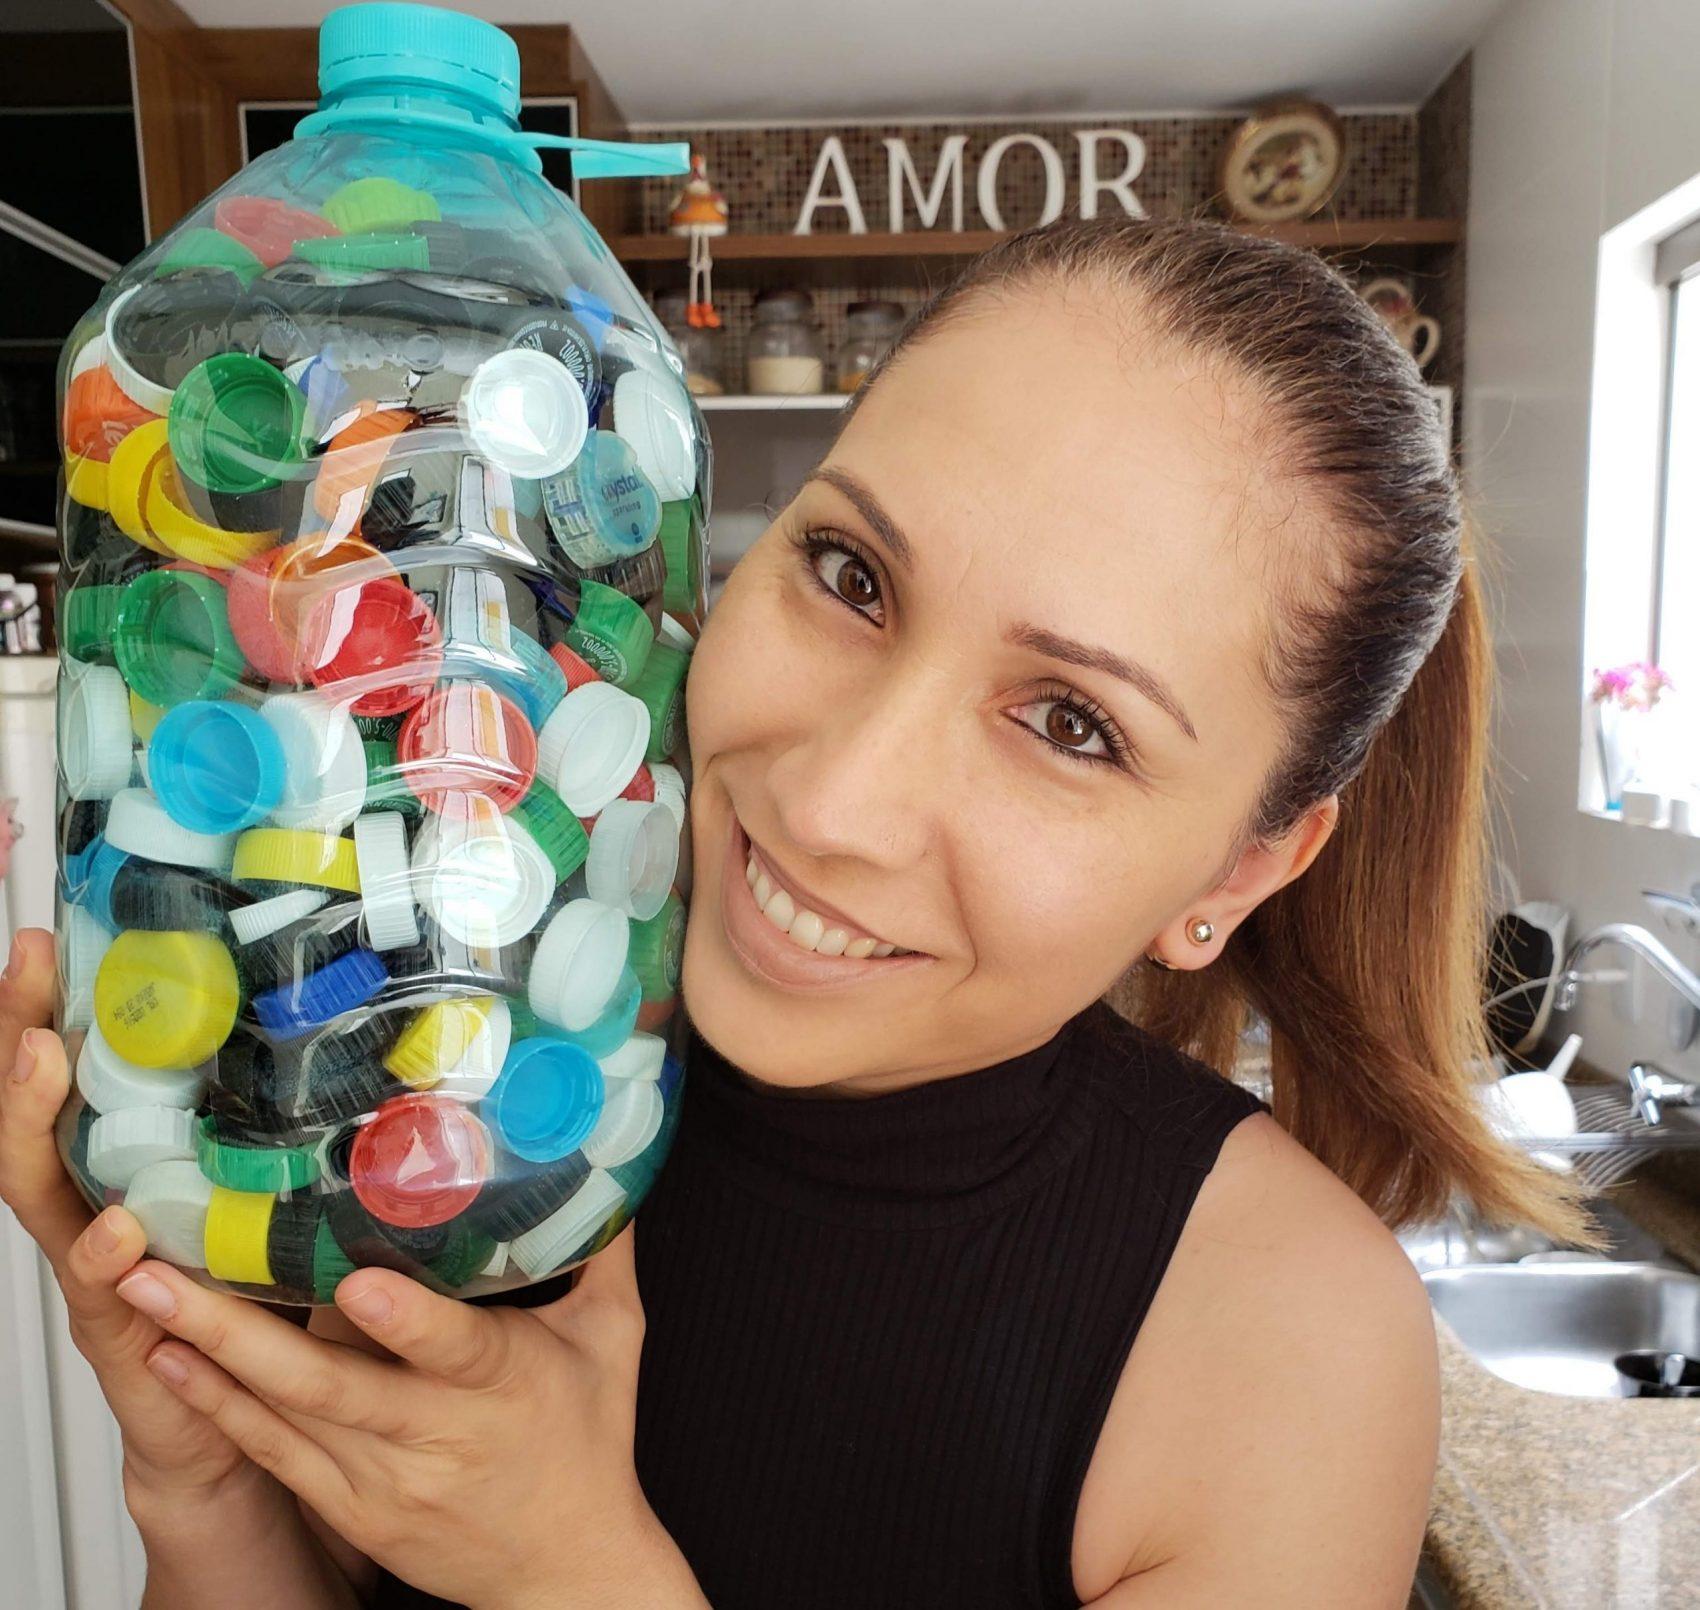 A professora e empresária Ana Lucia Zattar Coelho, criadora do perfil Ana Catadora, com tampinhas para reciclagem: sucesso com dicas de resoluções sustentáveis no Ano Novo (Foto: Arquivo Pessoal)